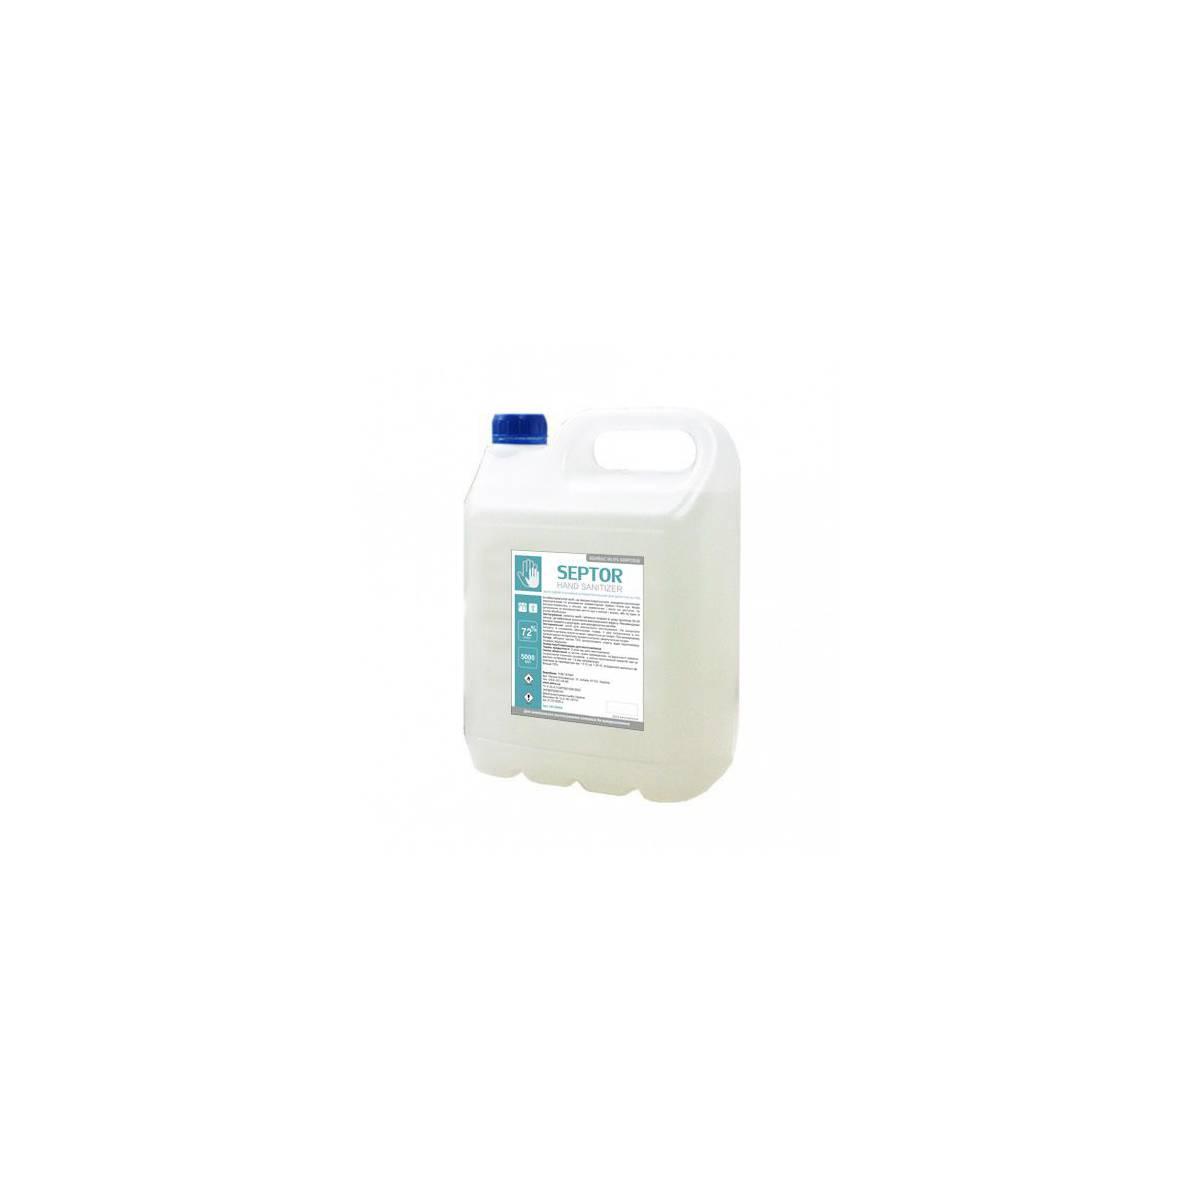 Антисептик SEPTOR 5 л, антибактериальное средство гигиеническое для кожи рук и тела HS155000 Атма